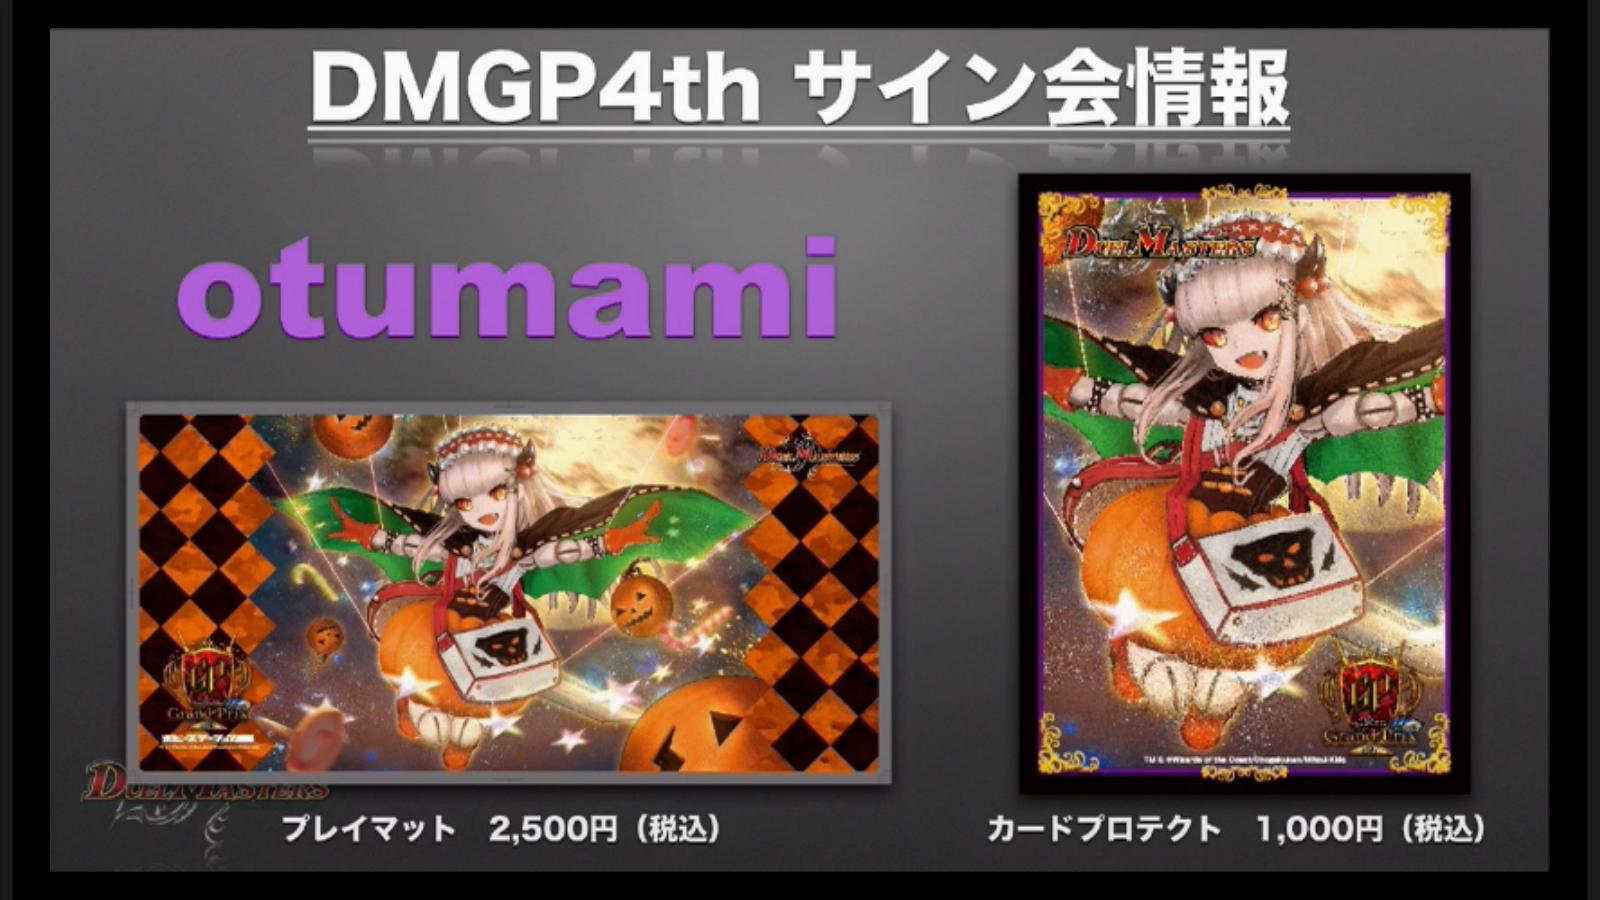 dm-kakumei-finalcup-news-170226-112.jpg